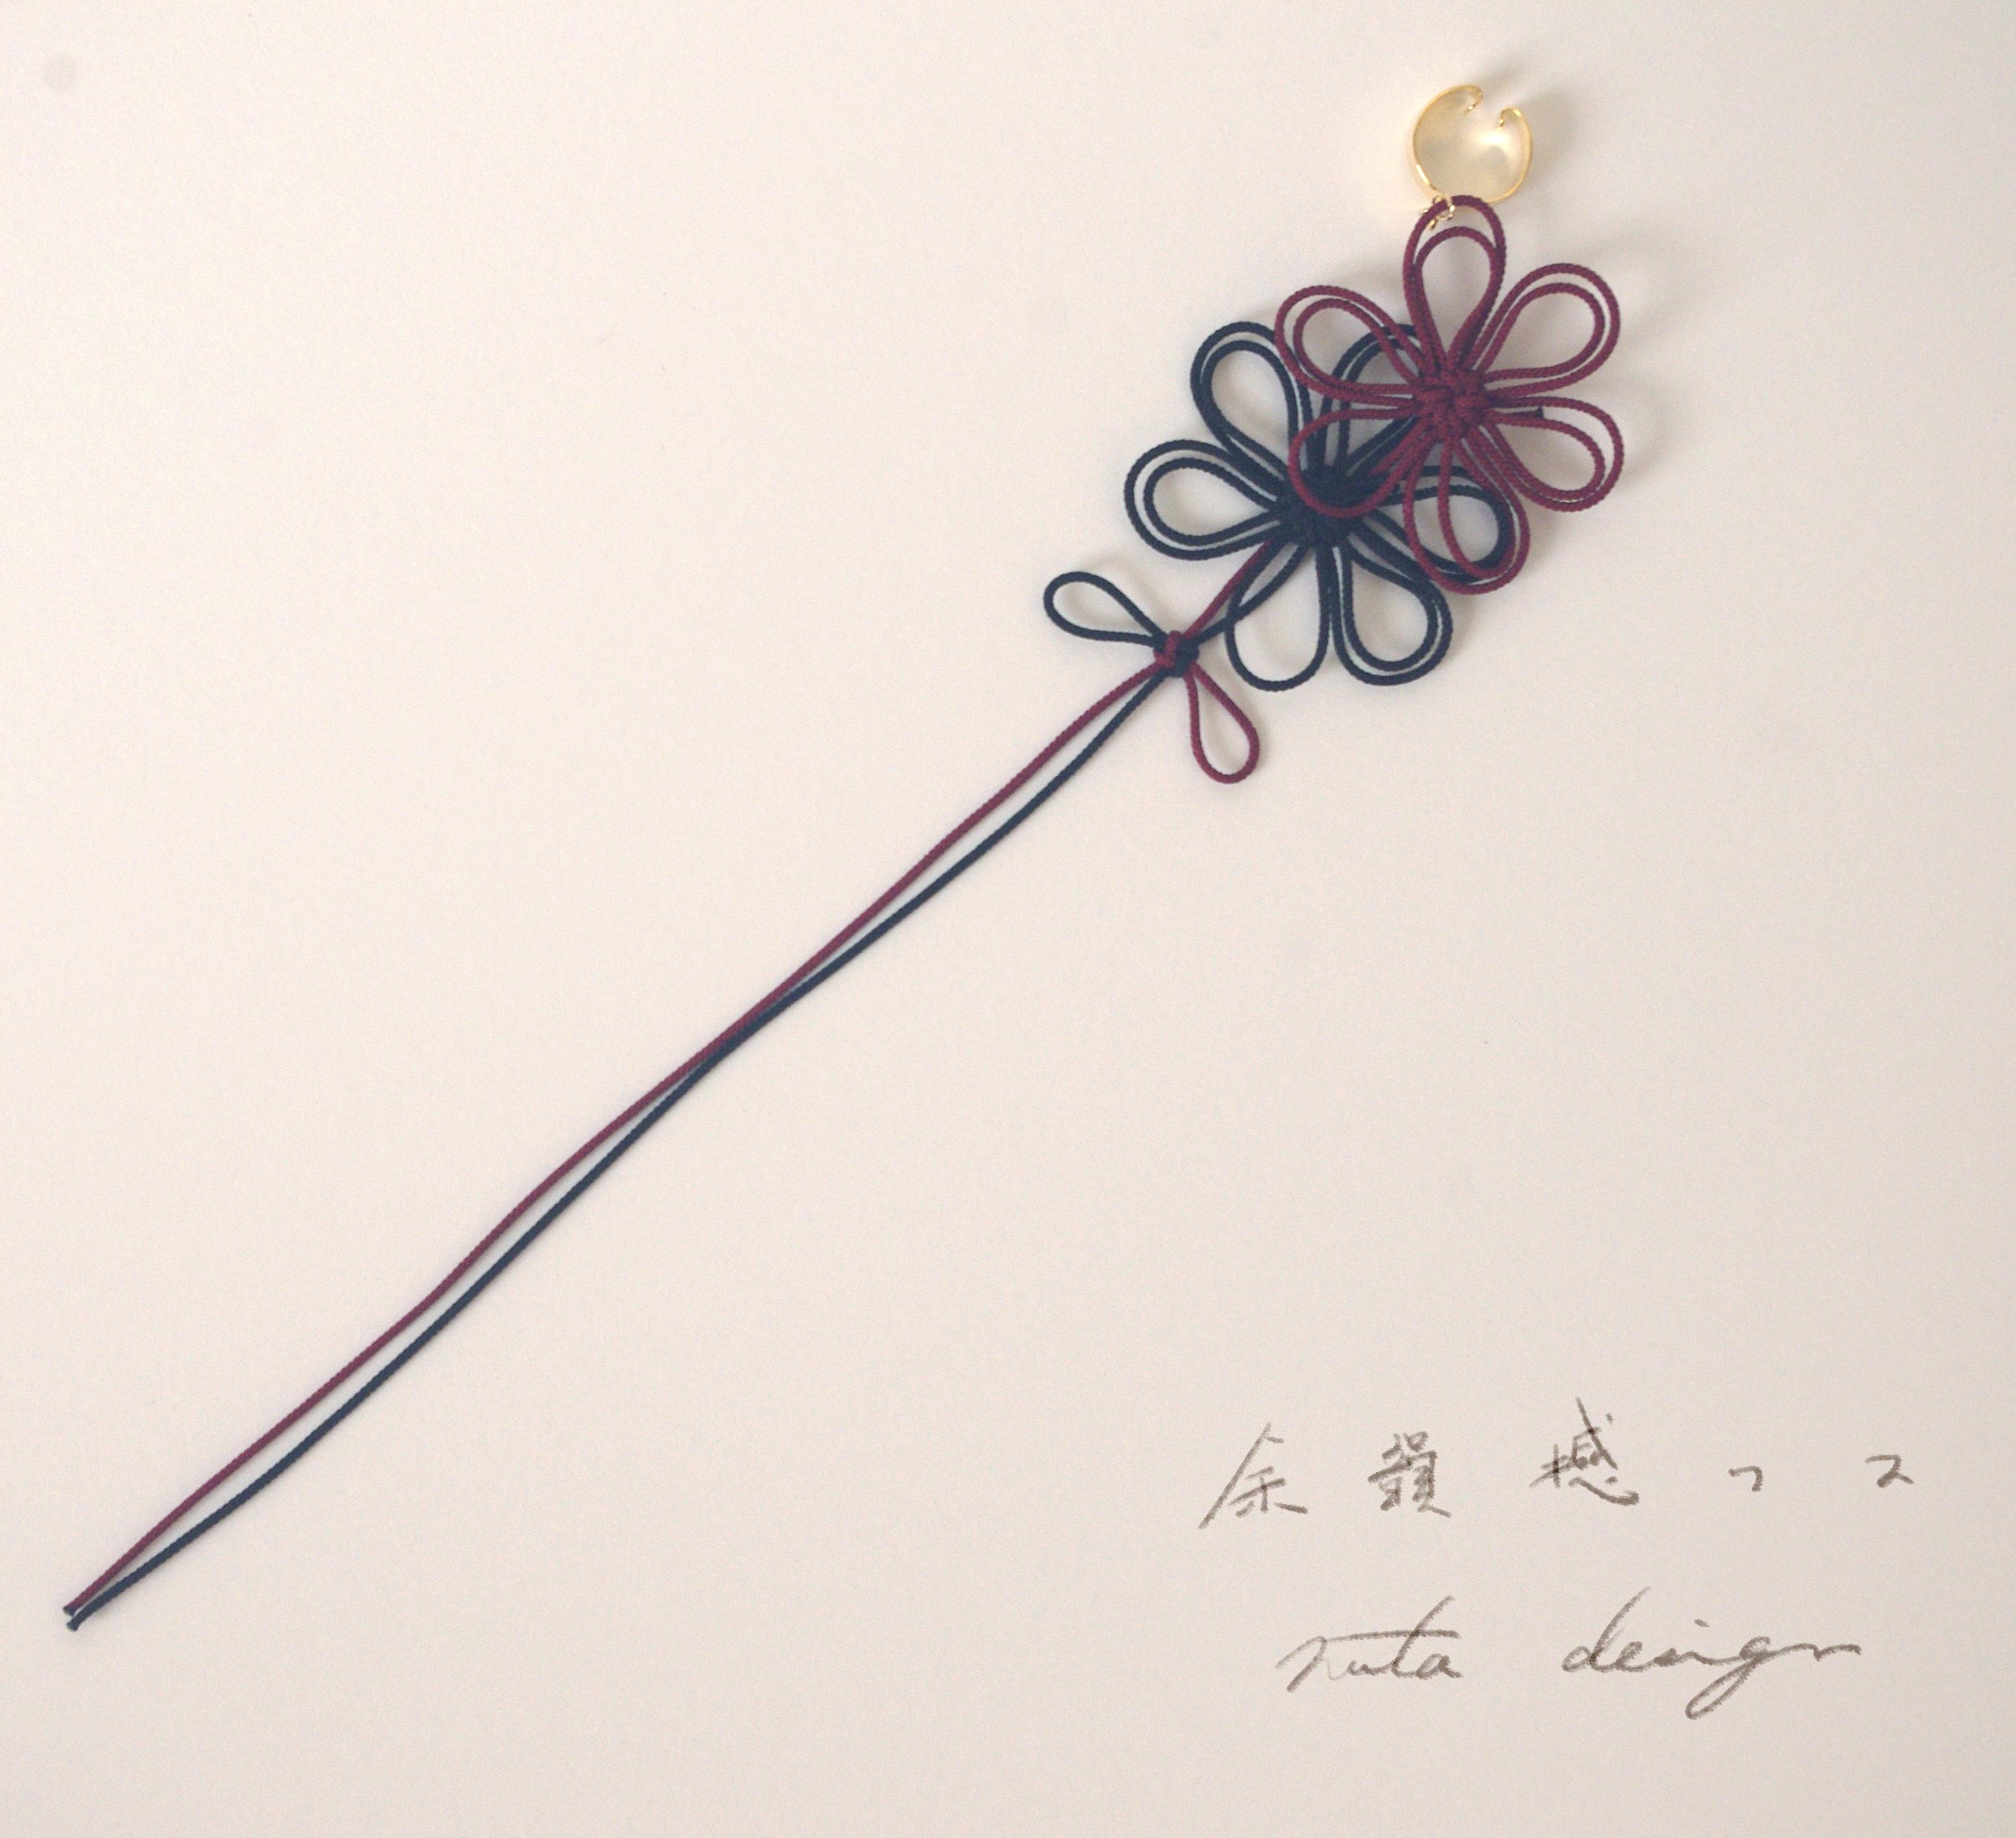 かたっぽイヤーカフ「余韻撼ワス」(臙脂×黒)